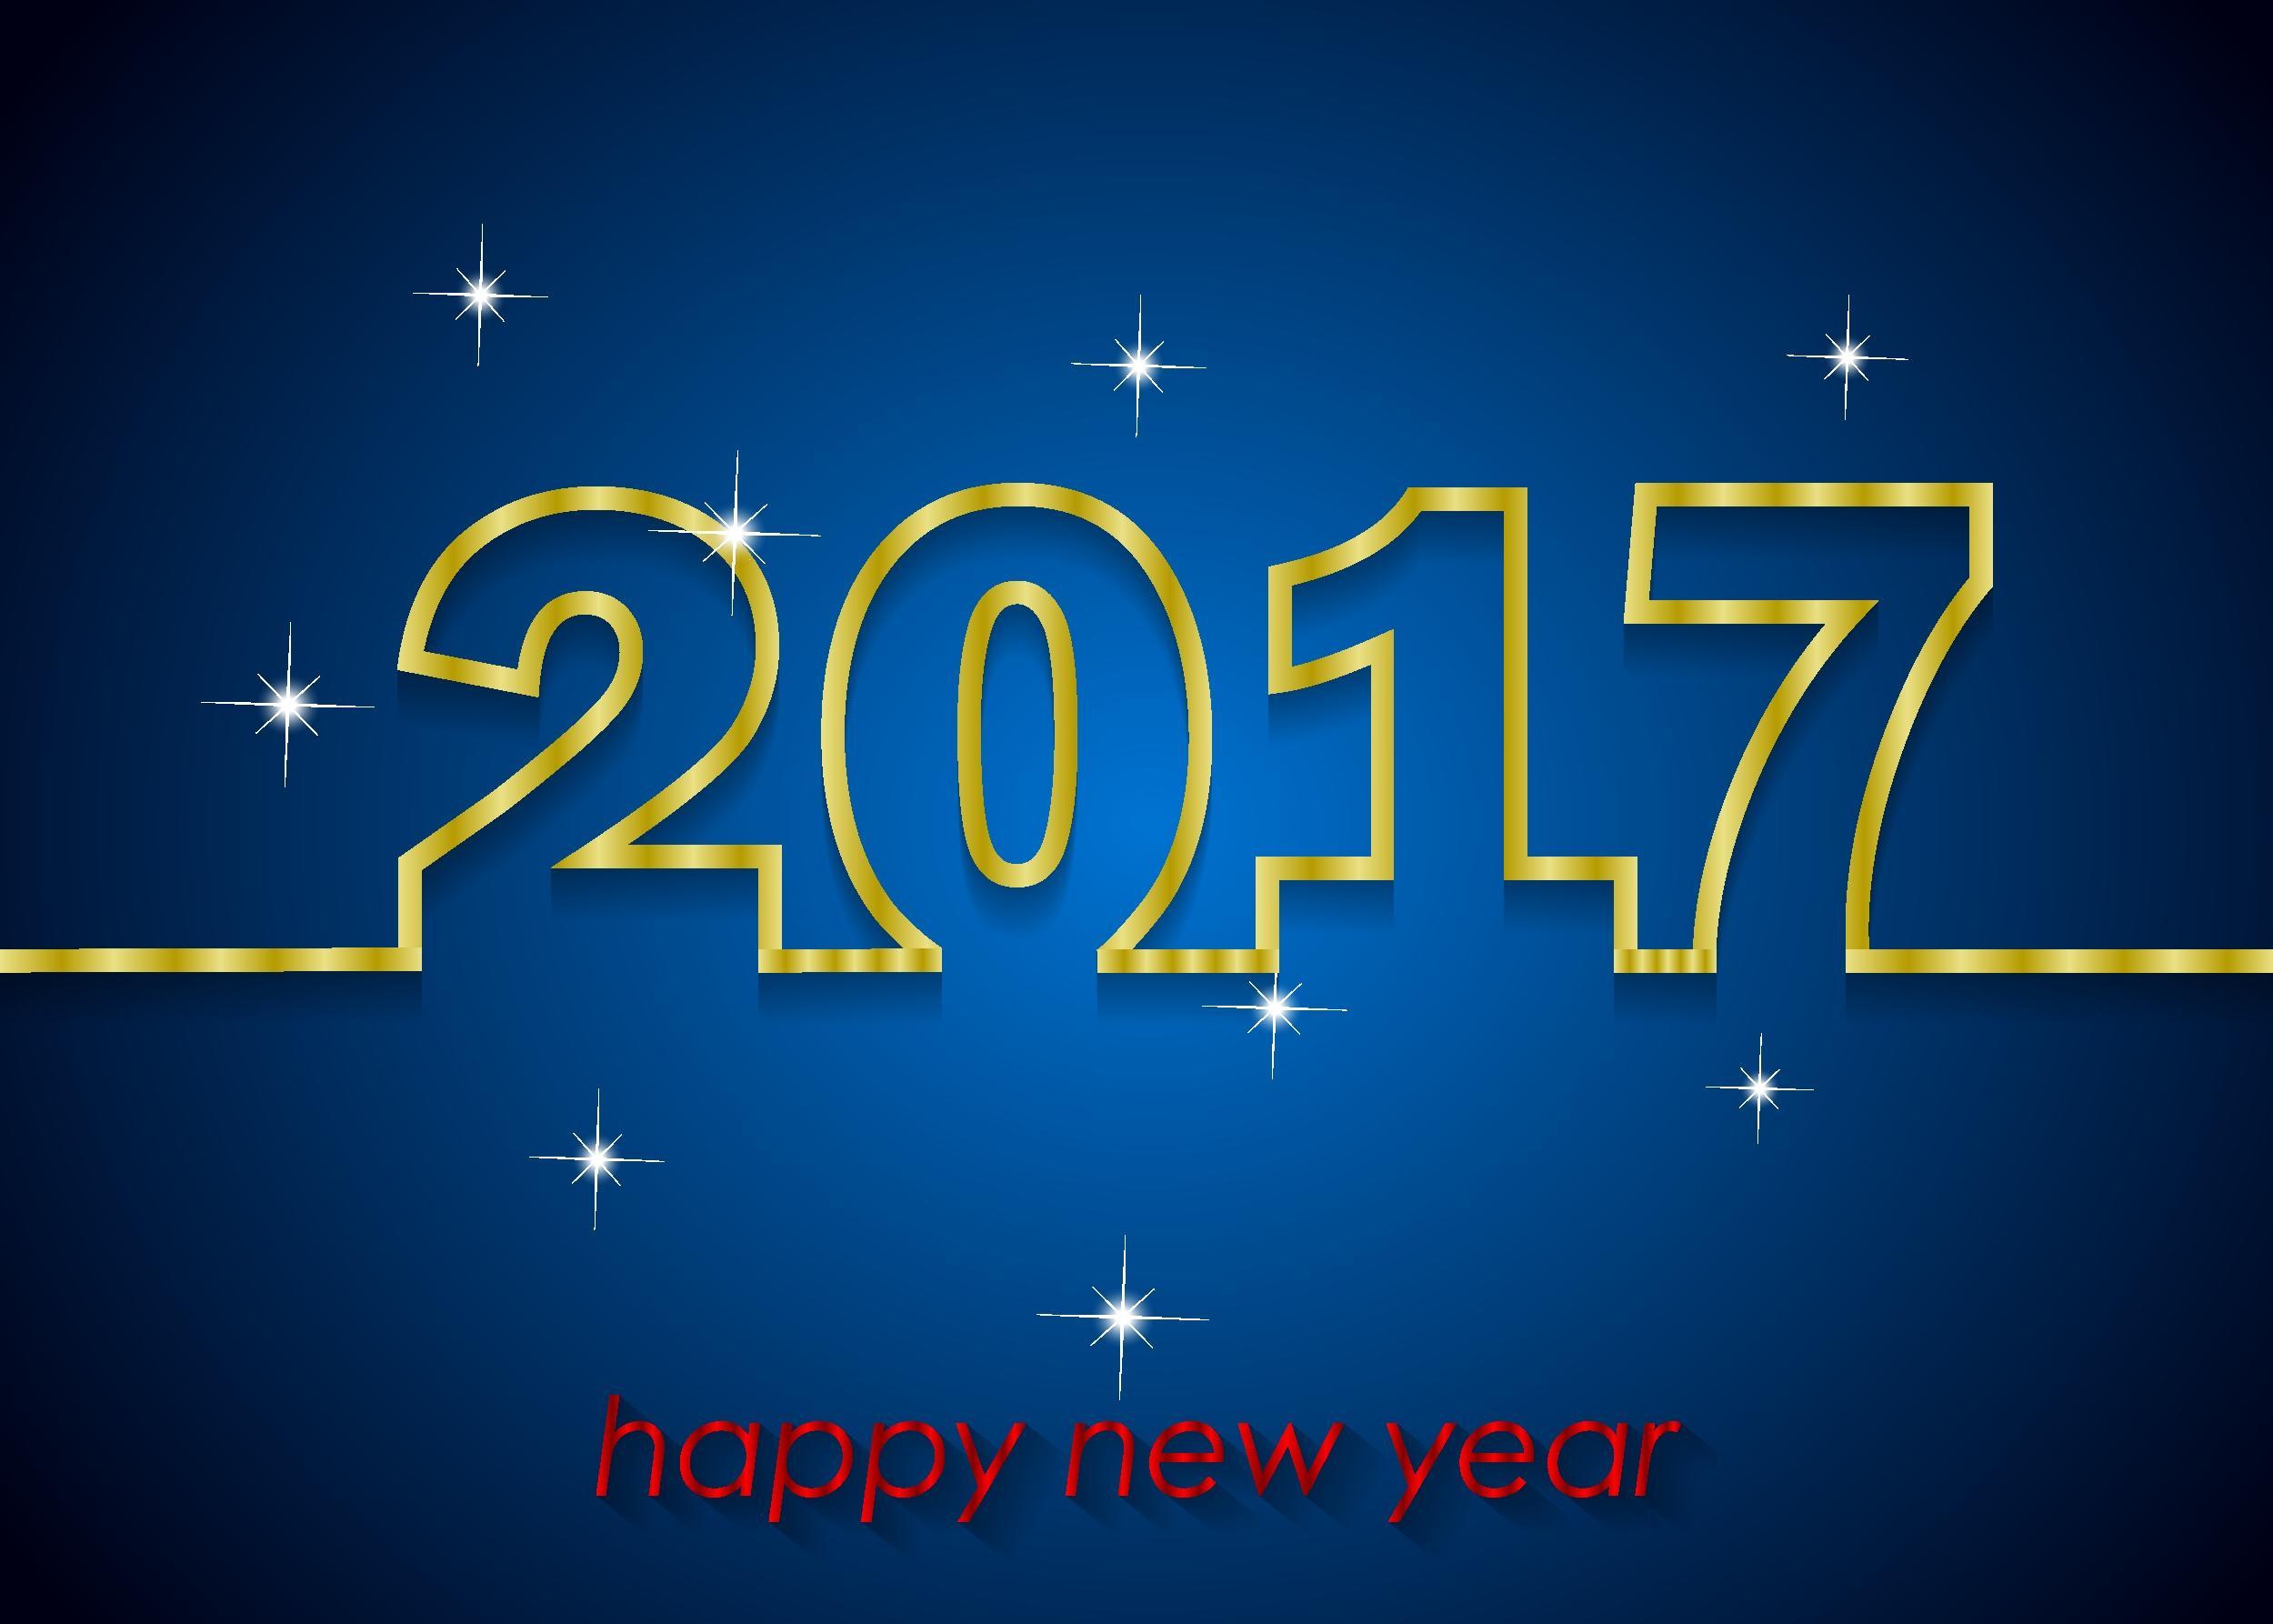 обои новогодние обои, новогодний фон, с новым годом, 2017 картинки фото